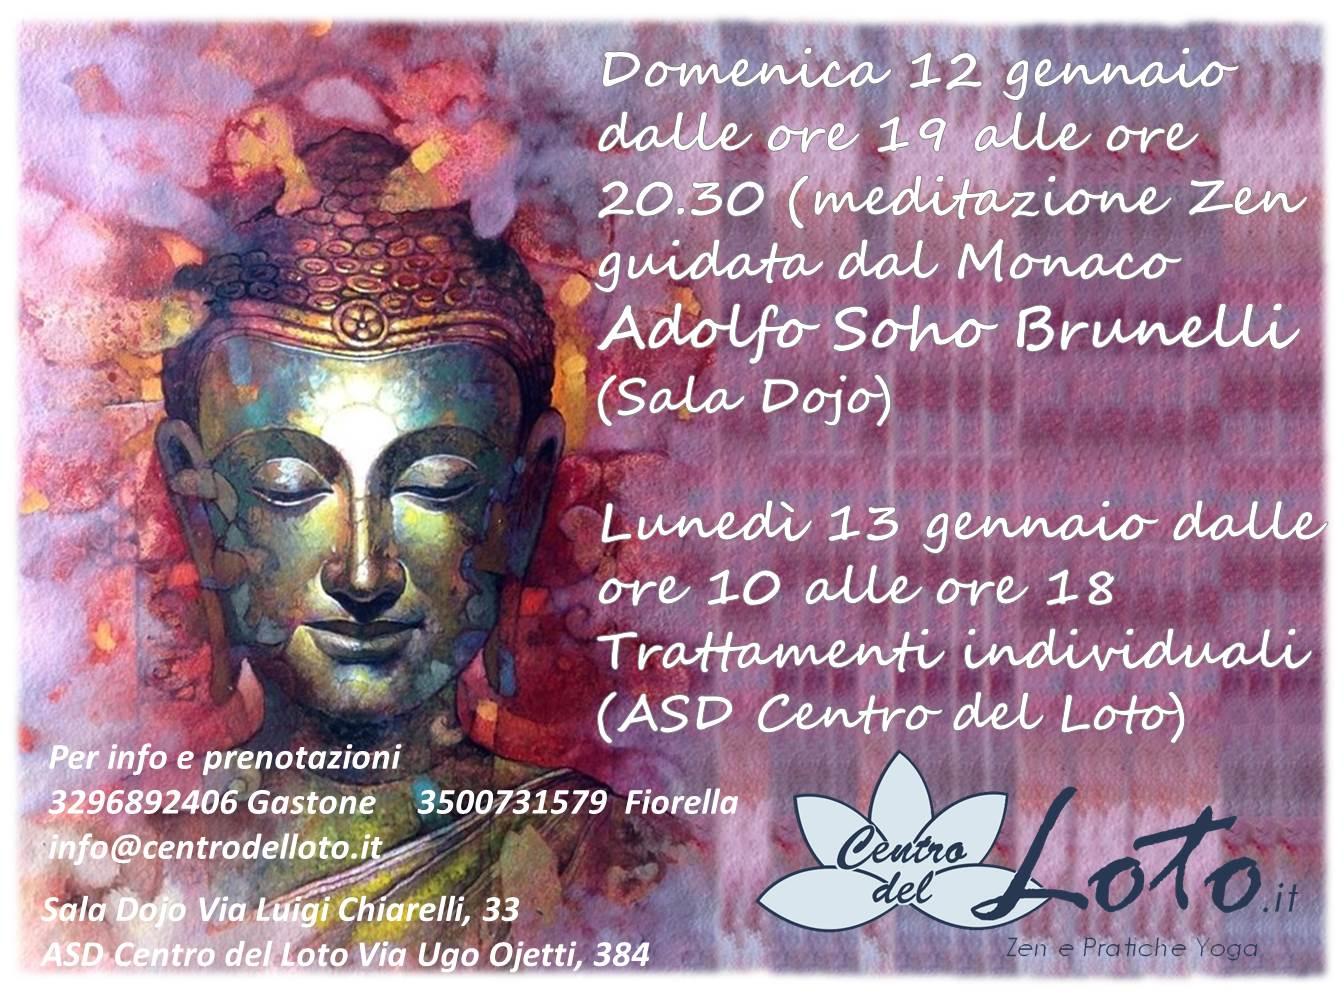 Serata di Meditazione Zen @ Centro del Loto | Roma | Lazio | Italia